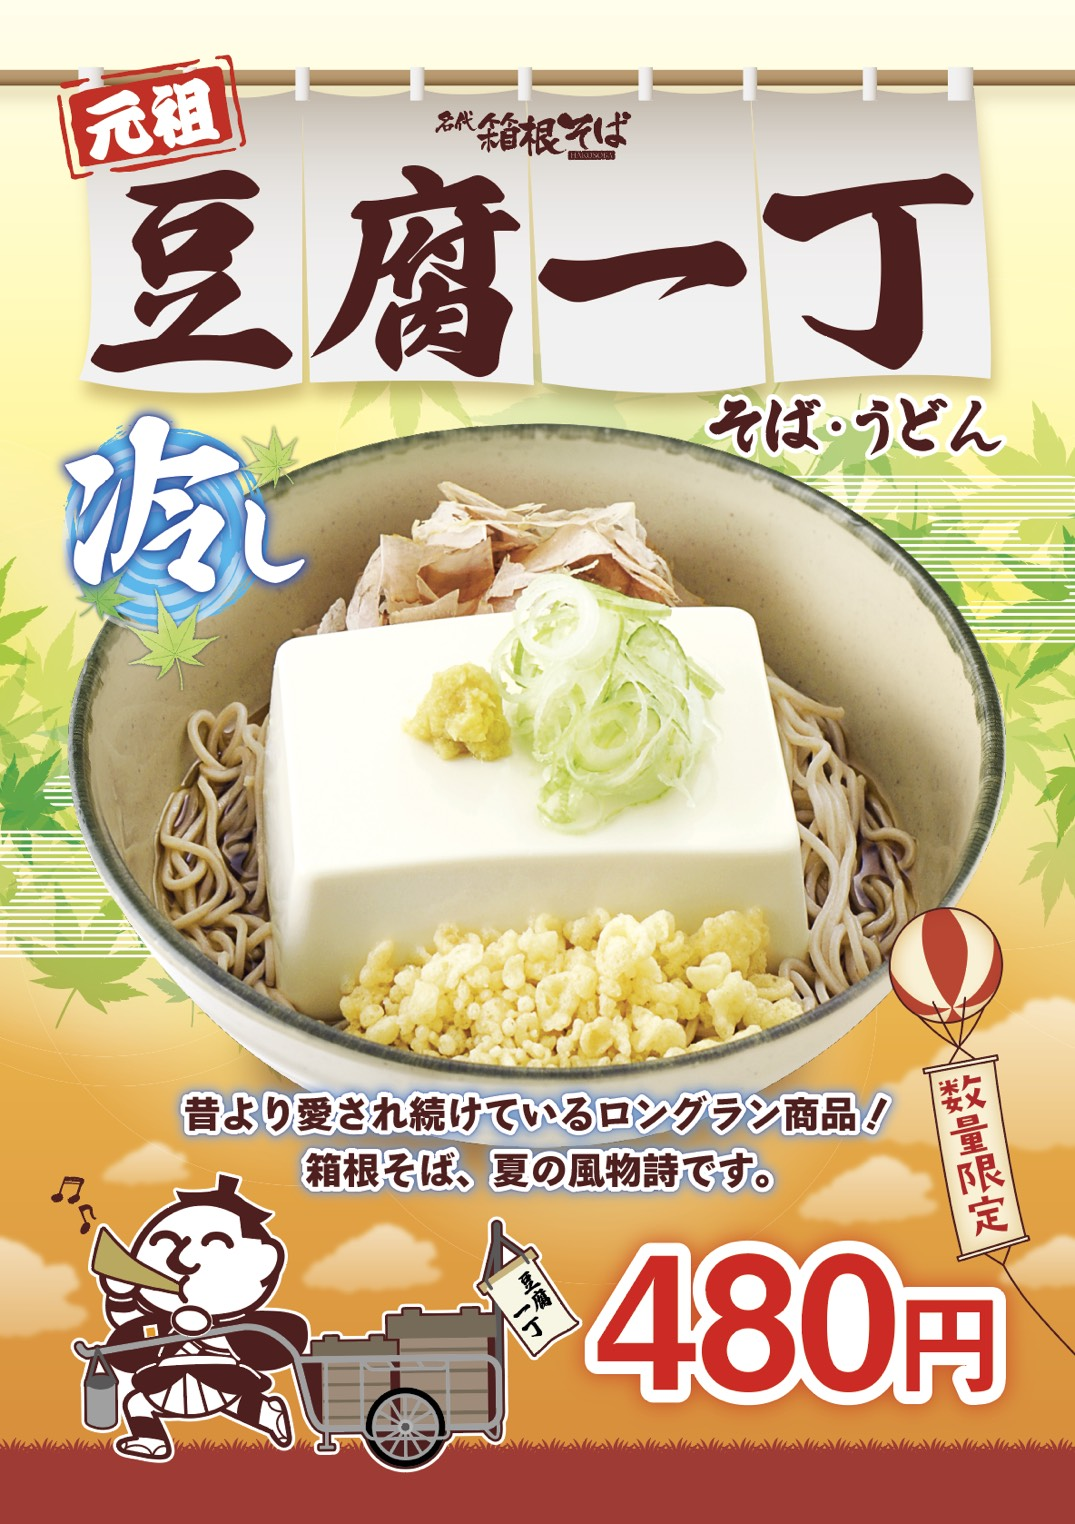 2021年夏も登場!箱根そばの「豆腐一丁そば」 本当にトウフがそのまま乗ってます!!